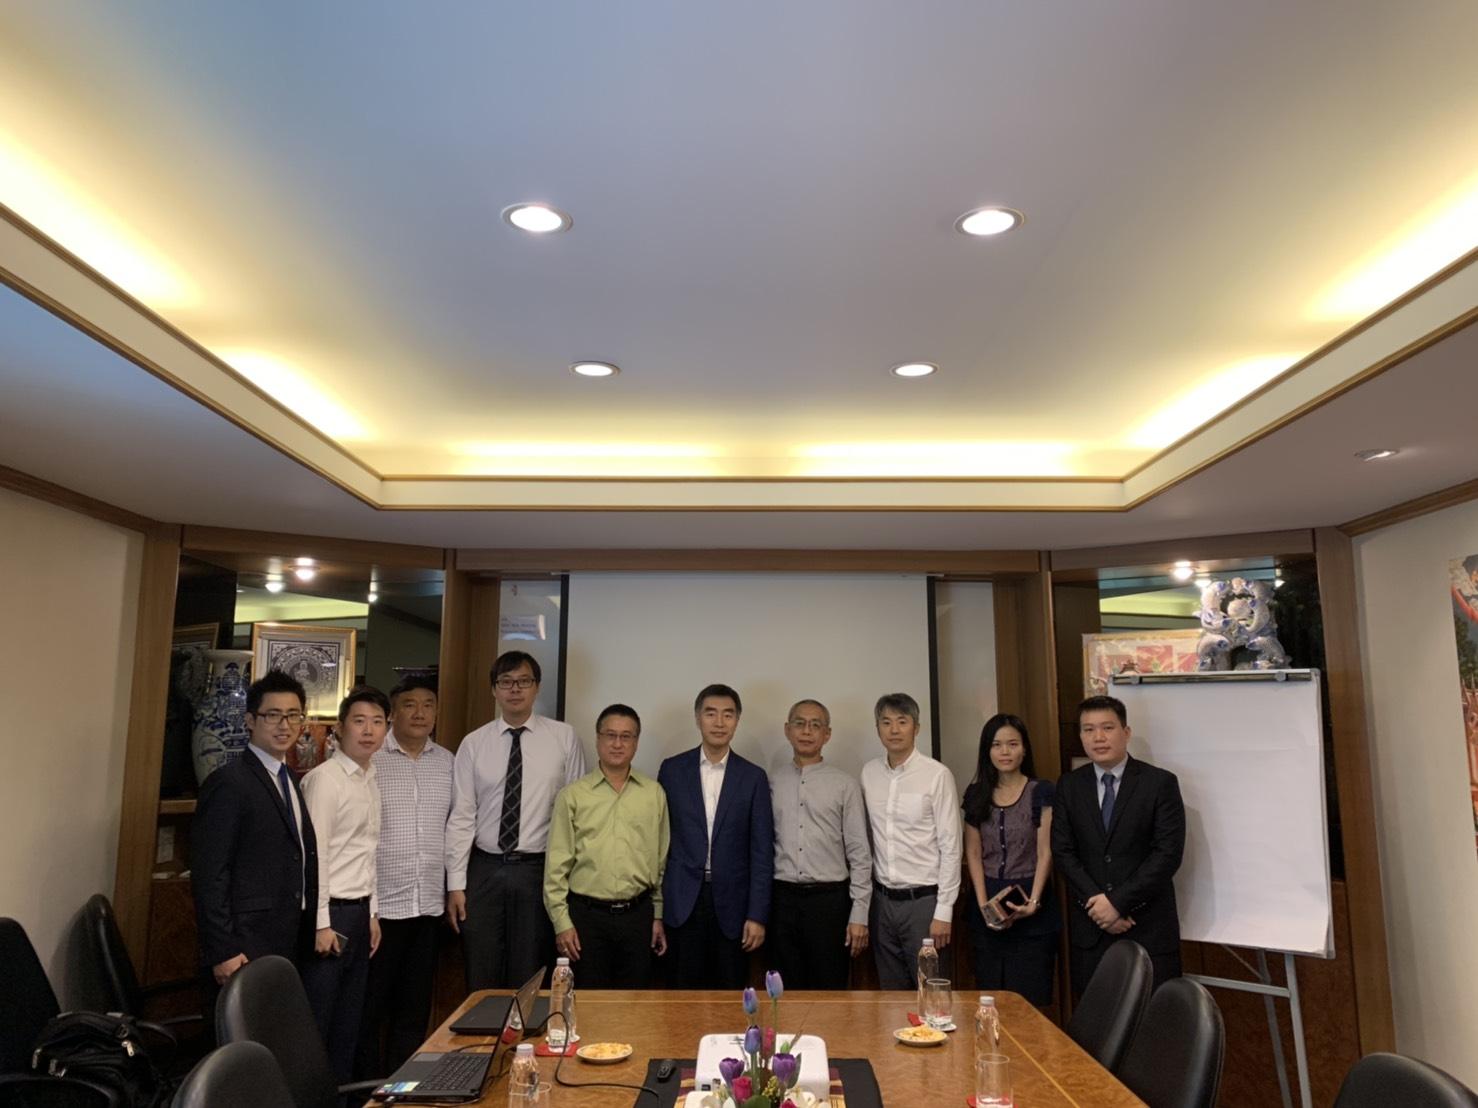 บริษัท Jiangtai Insurance Brokerage เข้าเยี่ยมชมบริษัทฯ